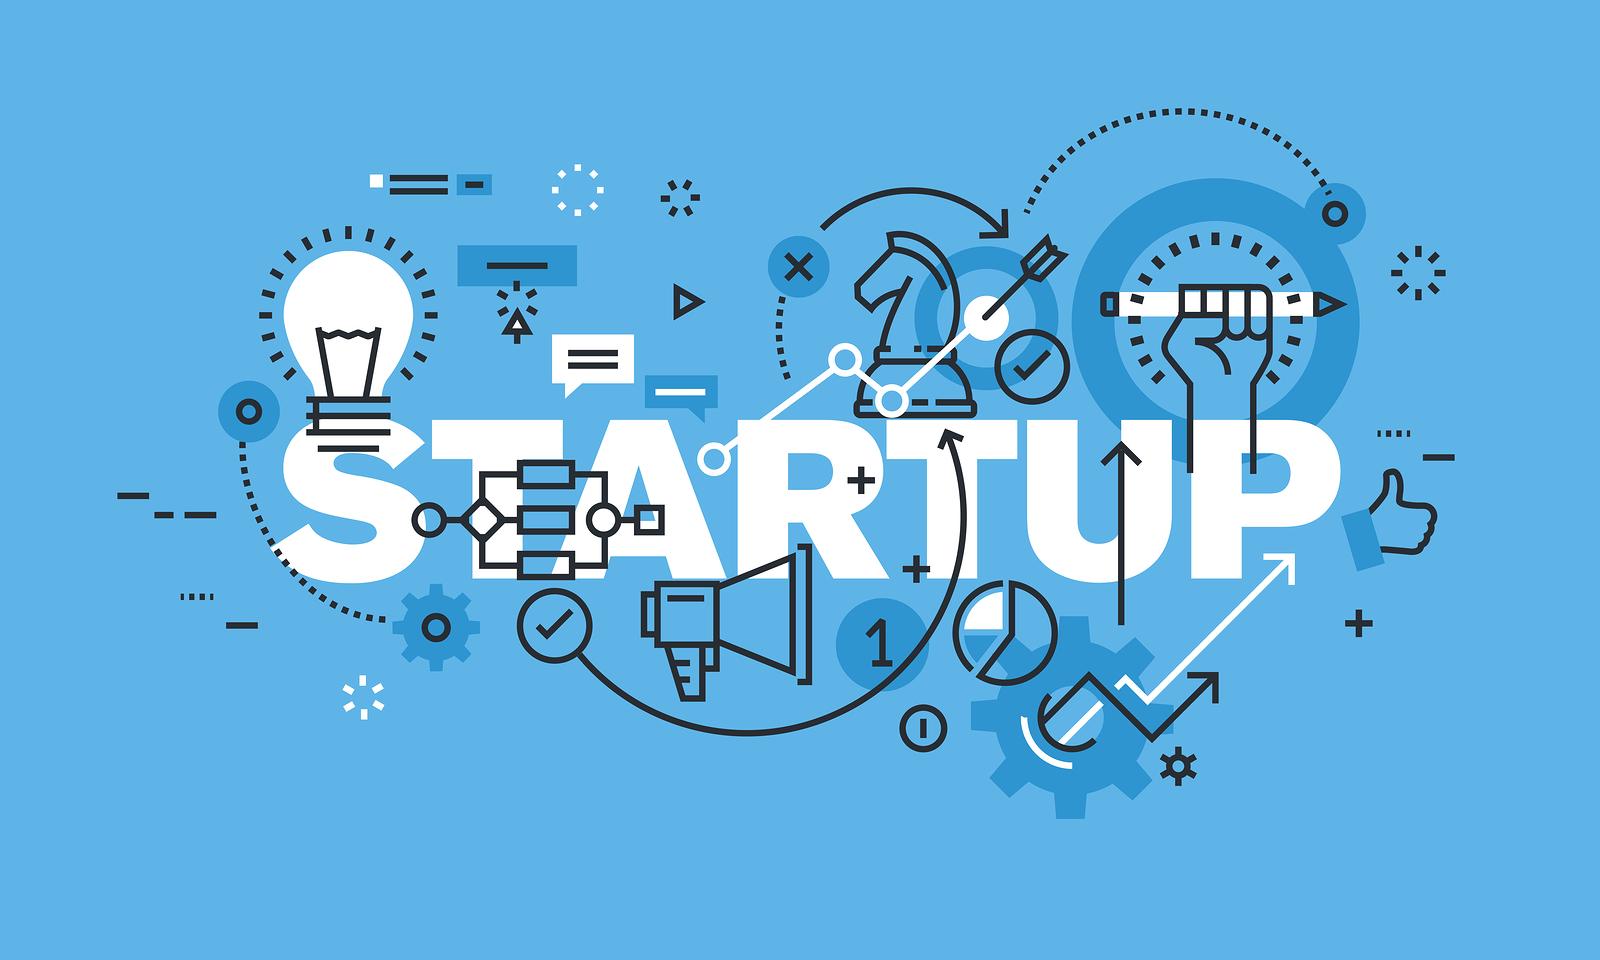 Depășirea Dificultăților ale Startup-urilor | Zicala.ro